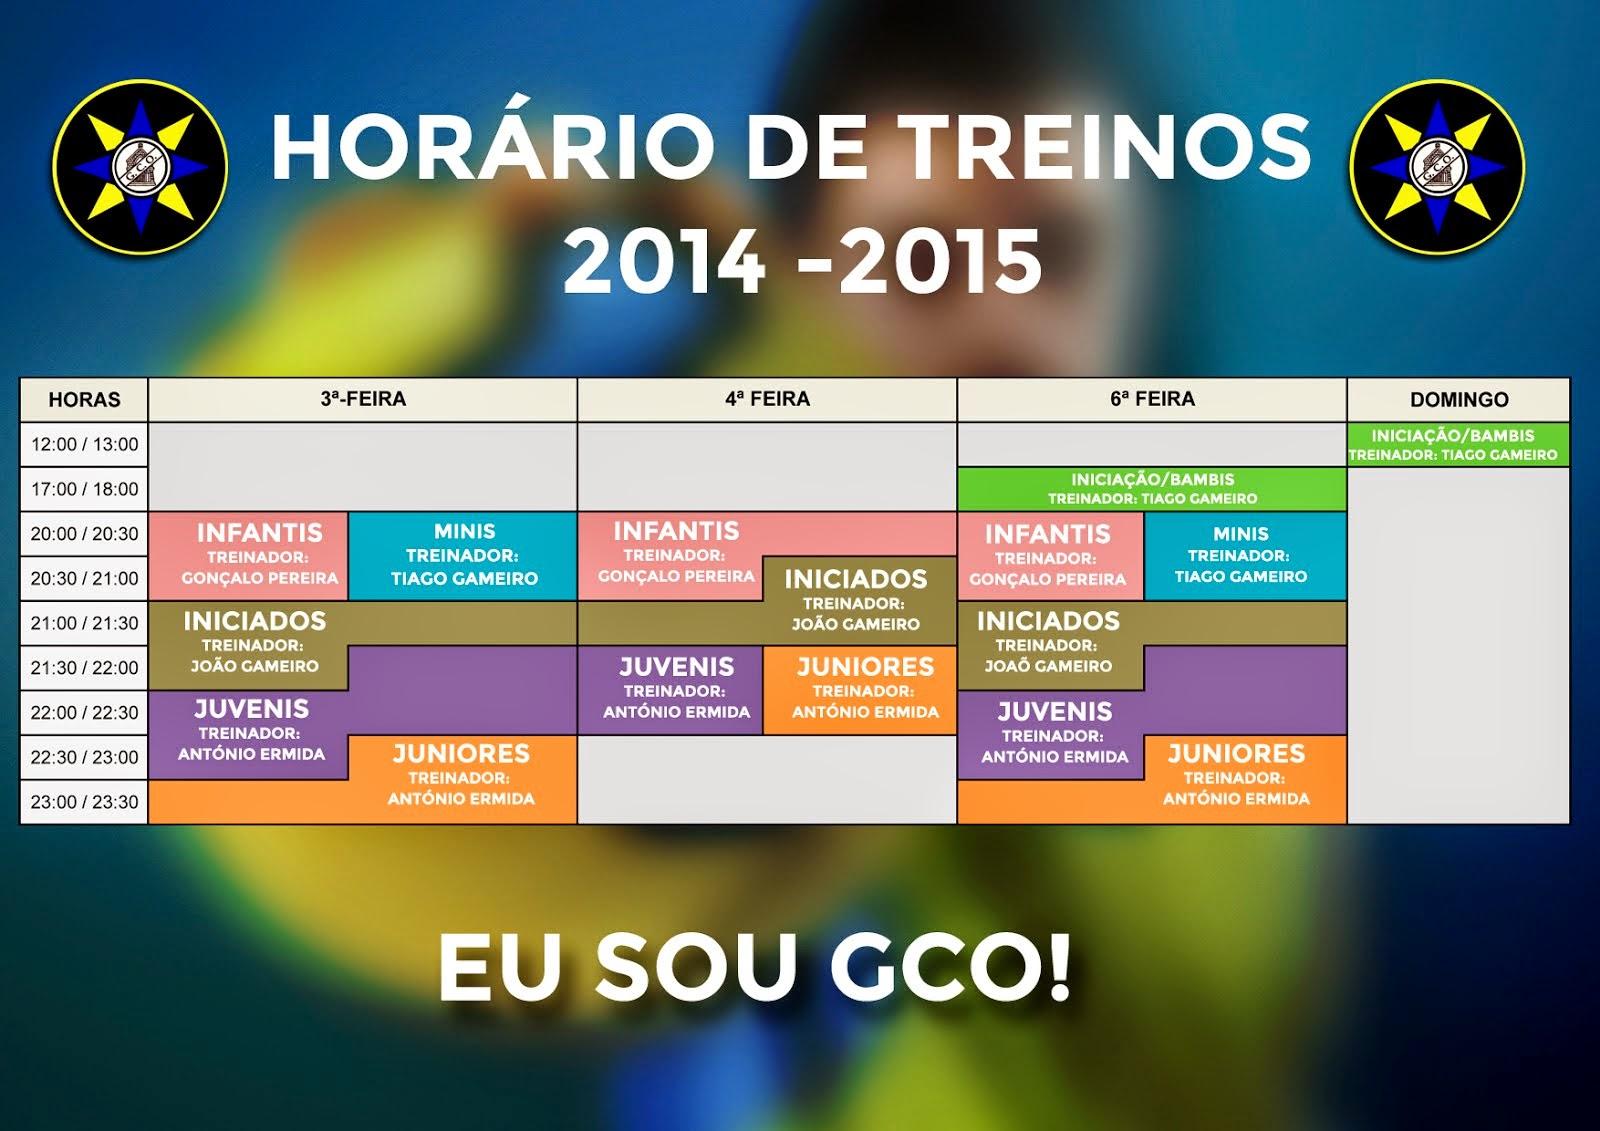 HORÁRIO DE TREINOS 2014-2015